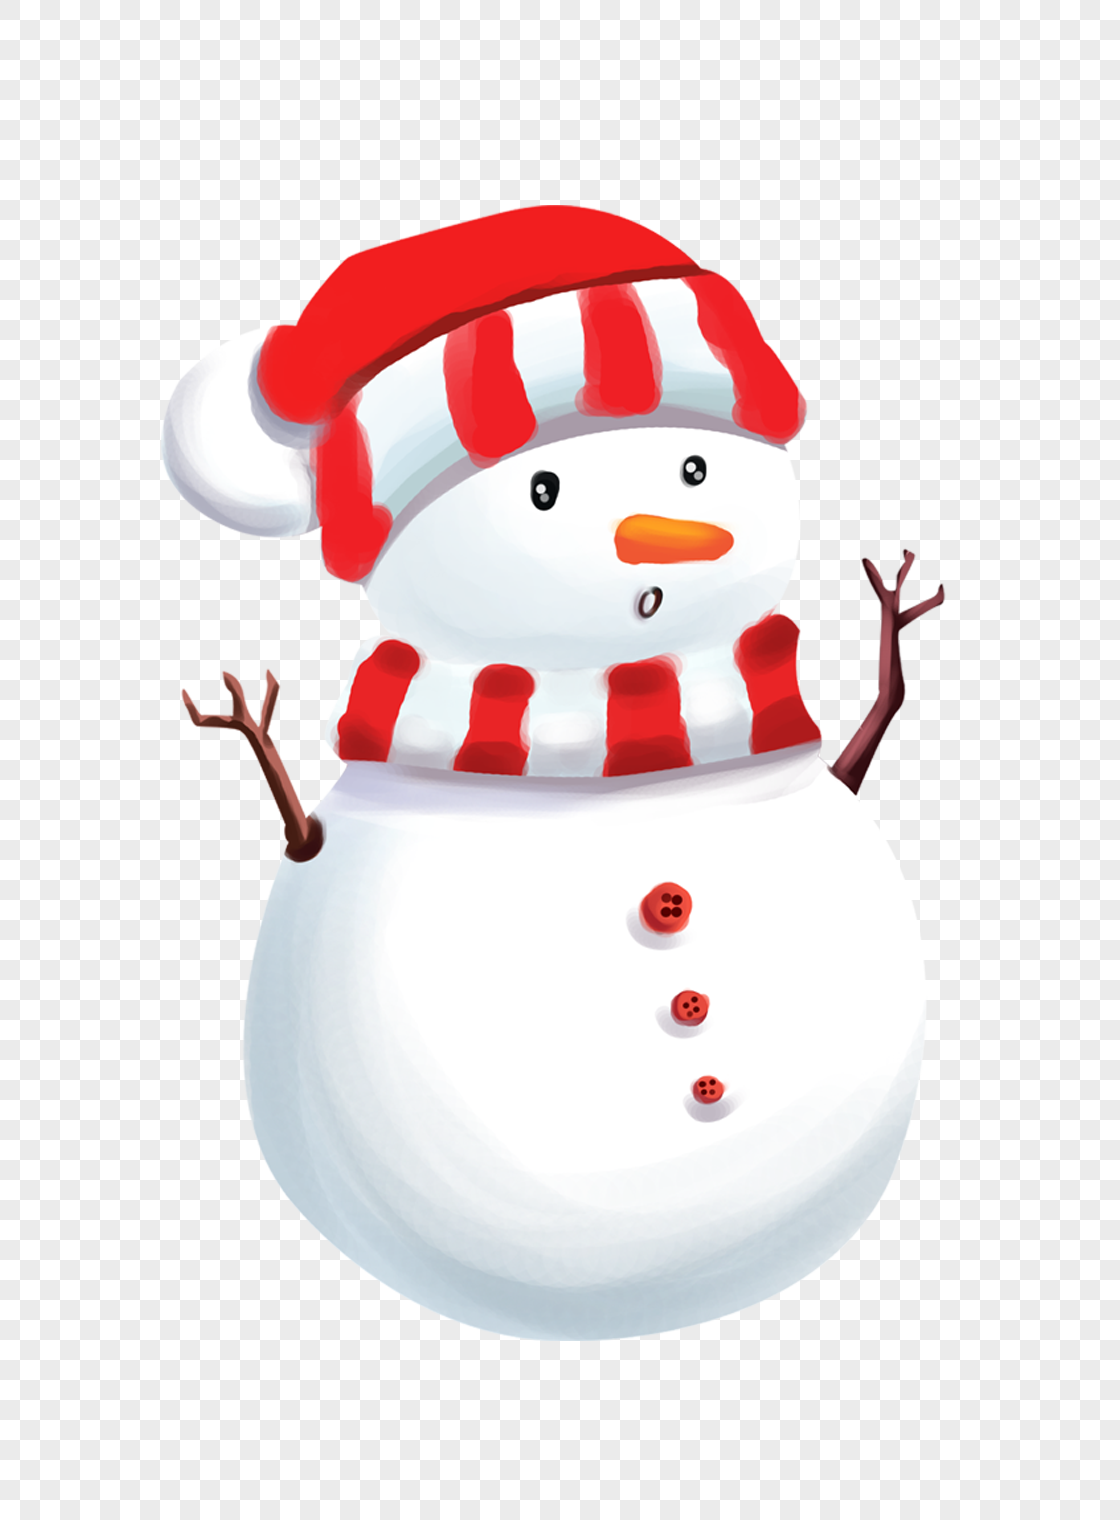 微信雪人头像可爱